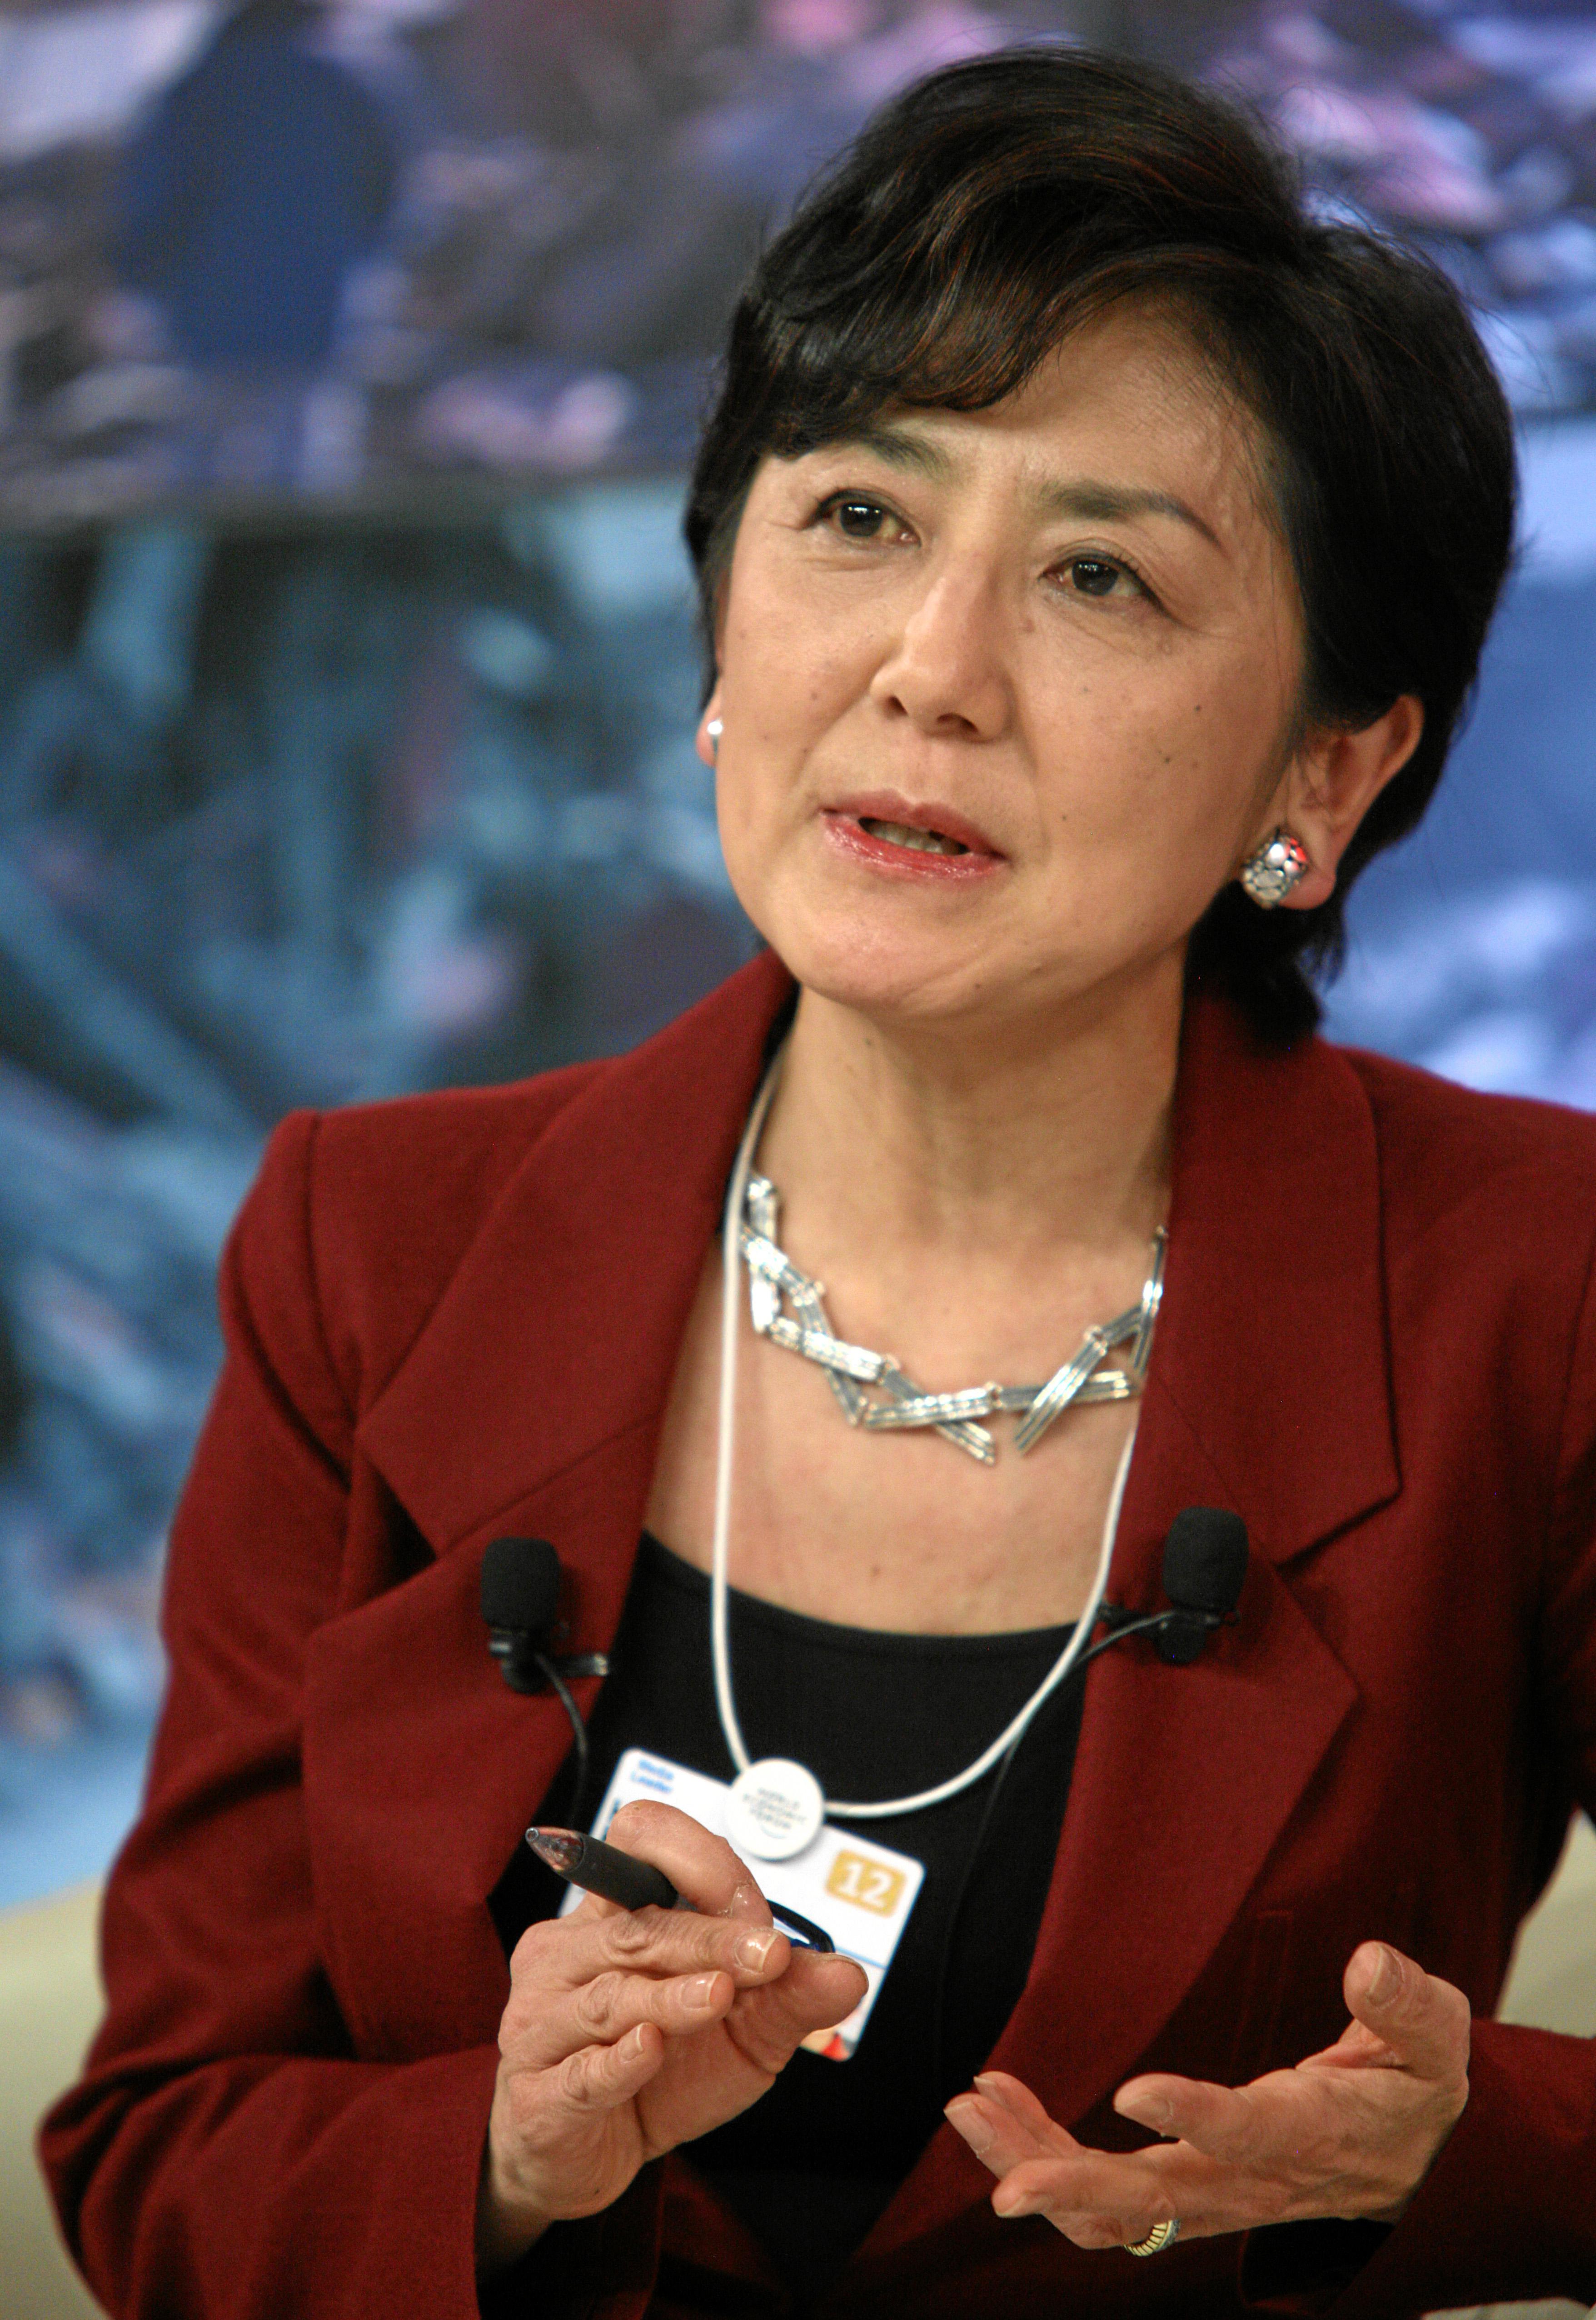 国谷裕子 - Wikipedia